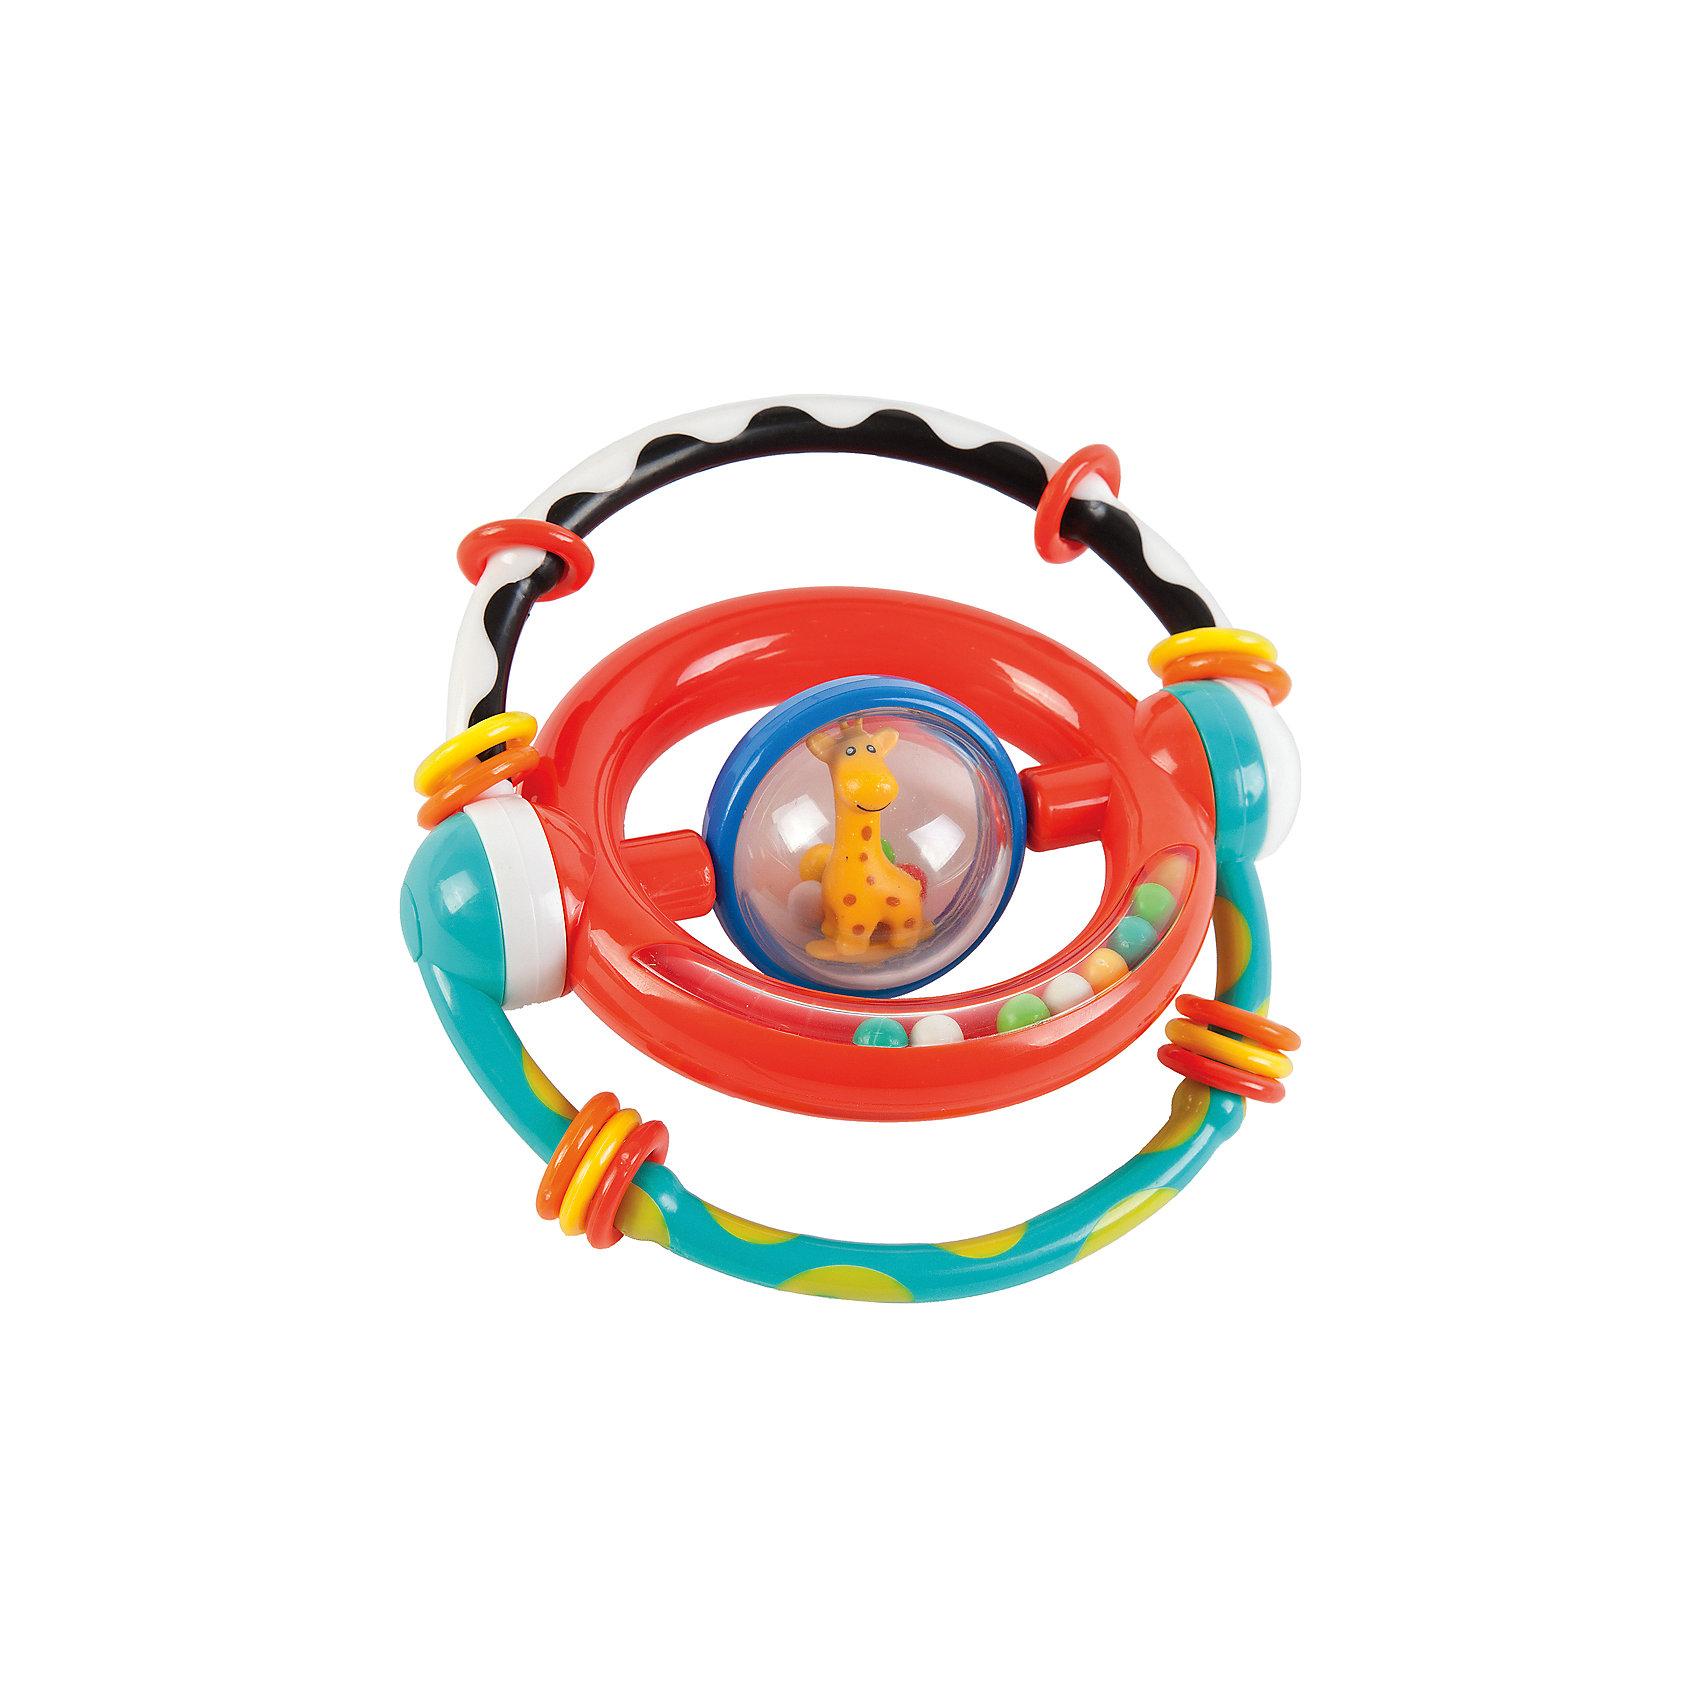 Погремушка-трансформер Жирафики Умный жирафикРазвивающие игрушки<br>Характеристики:<br><br>• много развивающих элементов;<br>• яркие цвета;<br>• материал: пластик;<br>• возраст: от 1 месяца;<br>• размер упаковки: 21х3х15 см;<br>• вес: 160 грамм;<br>• страна бренда: Россия.<br><br>Погремушка-трансформер предназначена для игр и развития малышей в возрасте от 1 месяца. В центре игрушки расположен прозрачный шар с жирафом и шариками. По краям - круг с разноцветными шариками. Если потрясти игрушку, то шарики будут очень шумно греметь, радуя кроху.<br><br>Внешние дуги можно двигать. При этом они издают громкий звук, привлекающий внимание ребенка. Кроме того, на внешних дугах расположены колечки, которые ребенок сможет передвигать.<br><br>Игрушка способствует развитию мелкой моторики, цветового, звукового и тактильного восприятия.<br><br>Развивающую игрушку-трансформер Умный жирафик, Жирафики можно купить в нашем интернет-магазине.<br><br>Ширина мм: 150<br>Глубина мм: 30<br>Высота мм: 210<br>Вес г: 160<br>Возраст от месяцев: 1<br>Возраст до месяцев: 2147483647<br>Пол: Унисекс<br>Возраст: Детский<br>SKU: 6885306